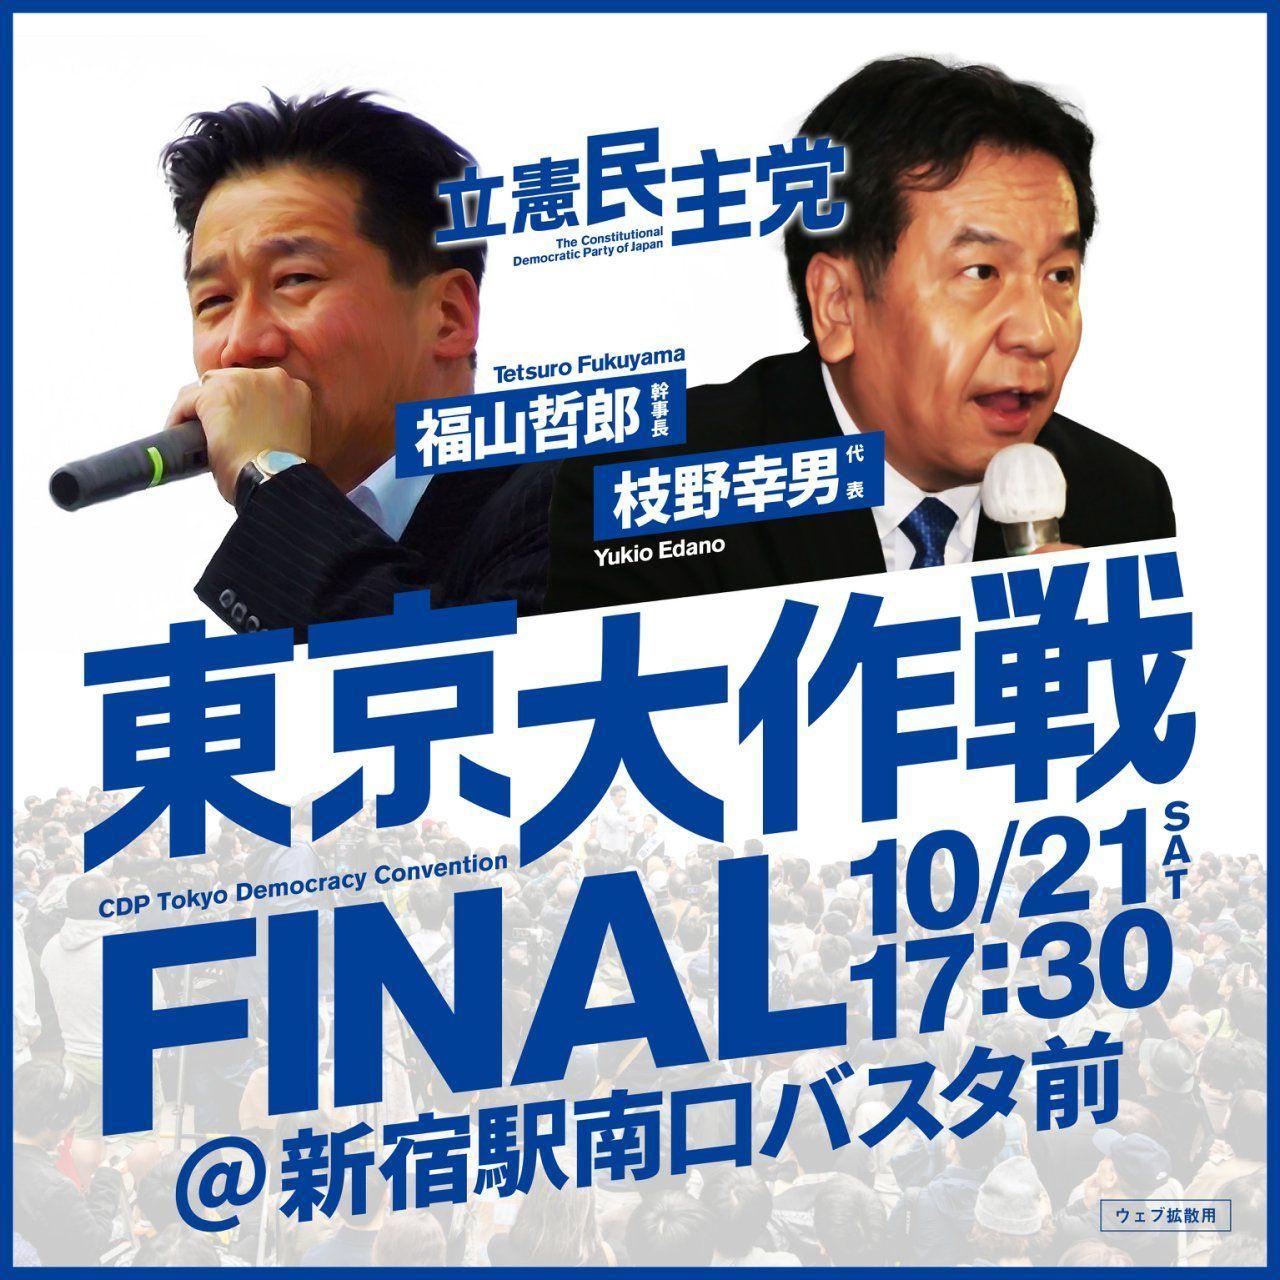 衆議院選挙 立憲民主党 @CDP2017     【10月21日 #東京大作戦FINAL 開催決定!】